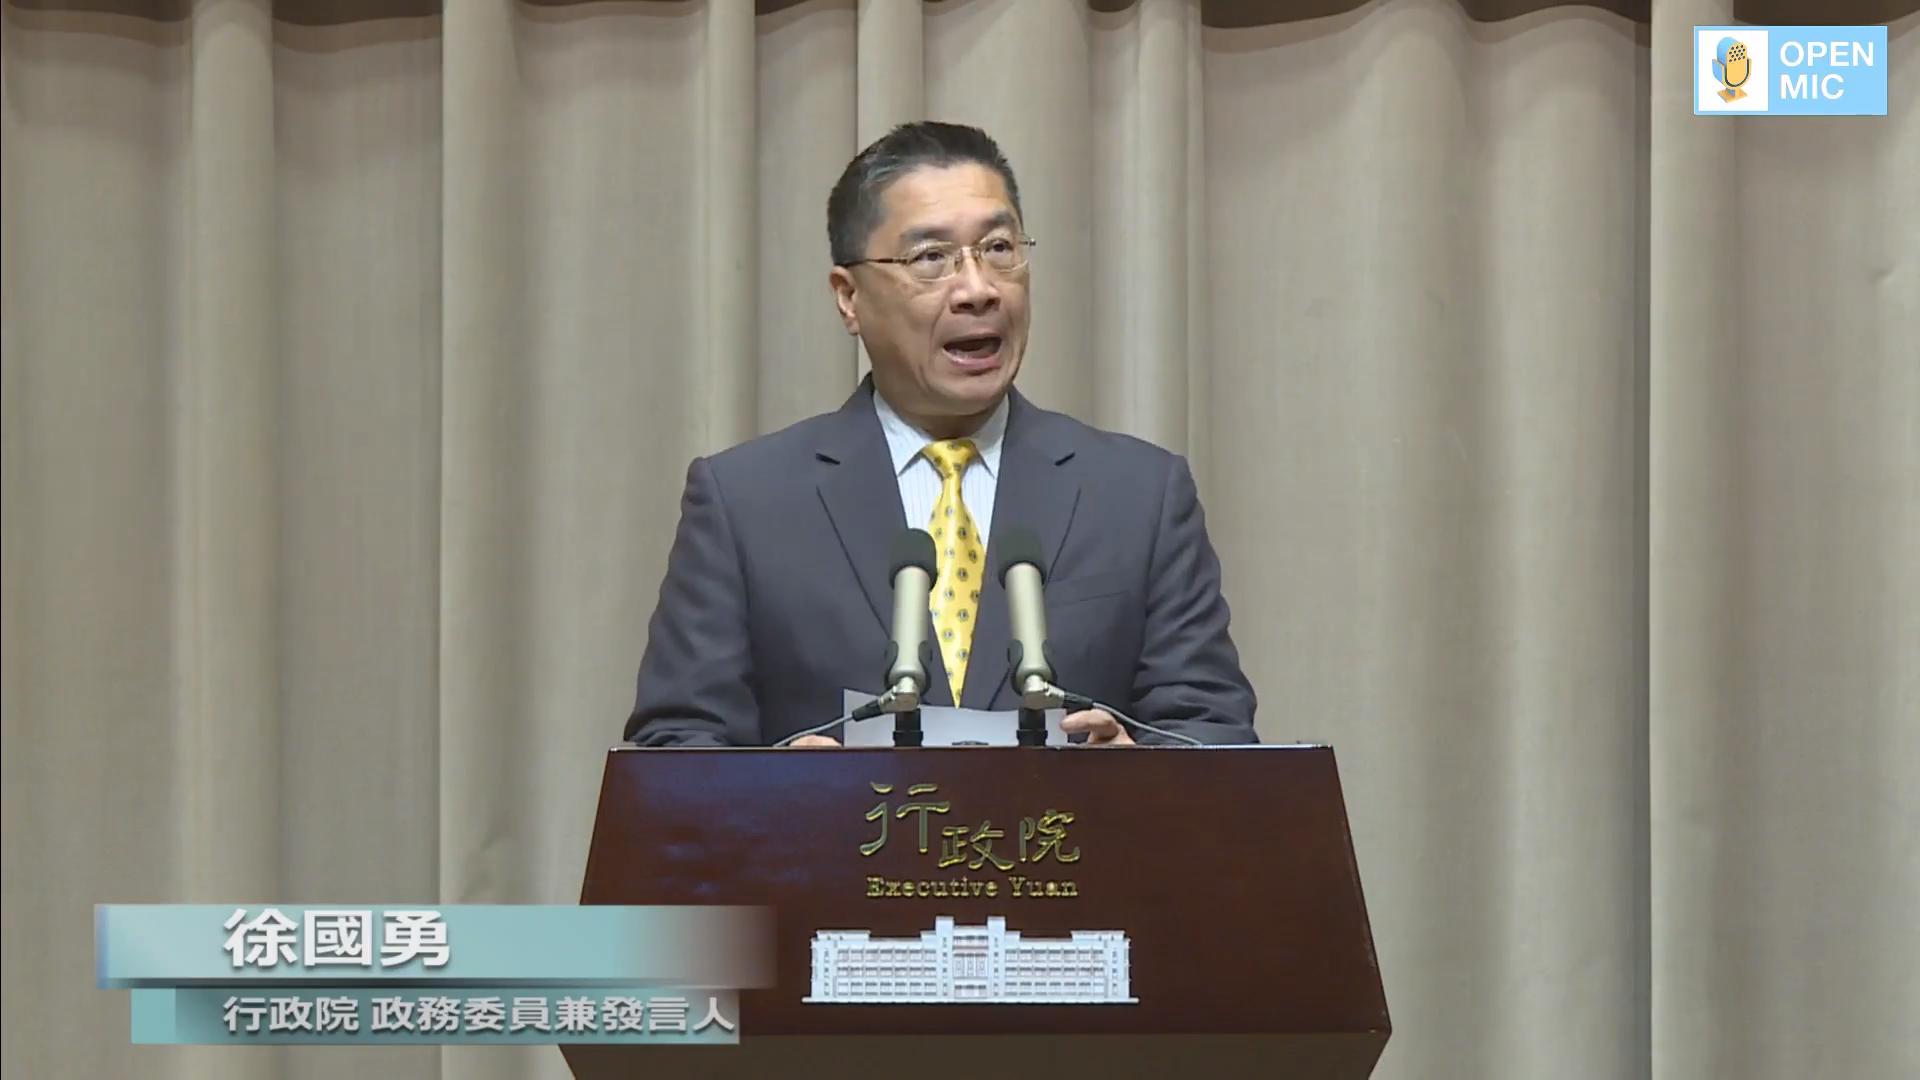 政院公布5首長異動 吳釗燮接掌外交部、許銘春出任勞動部